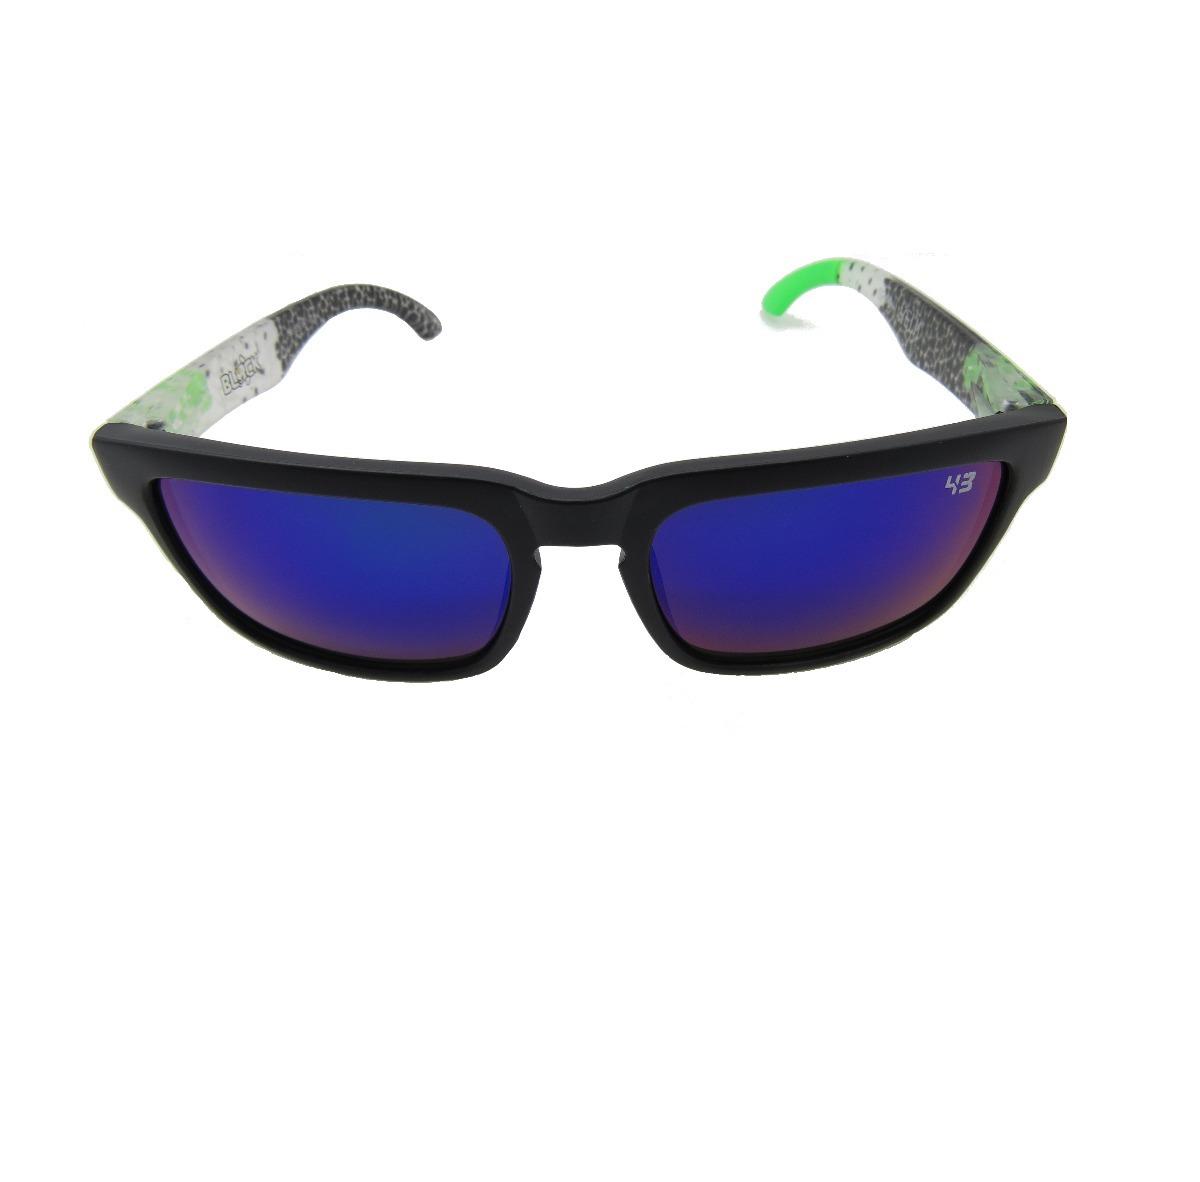 d7377c597 Óculos De Sol Spy + Ken Block Helm Com Proteção Uv - R$ 44,90 em ...